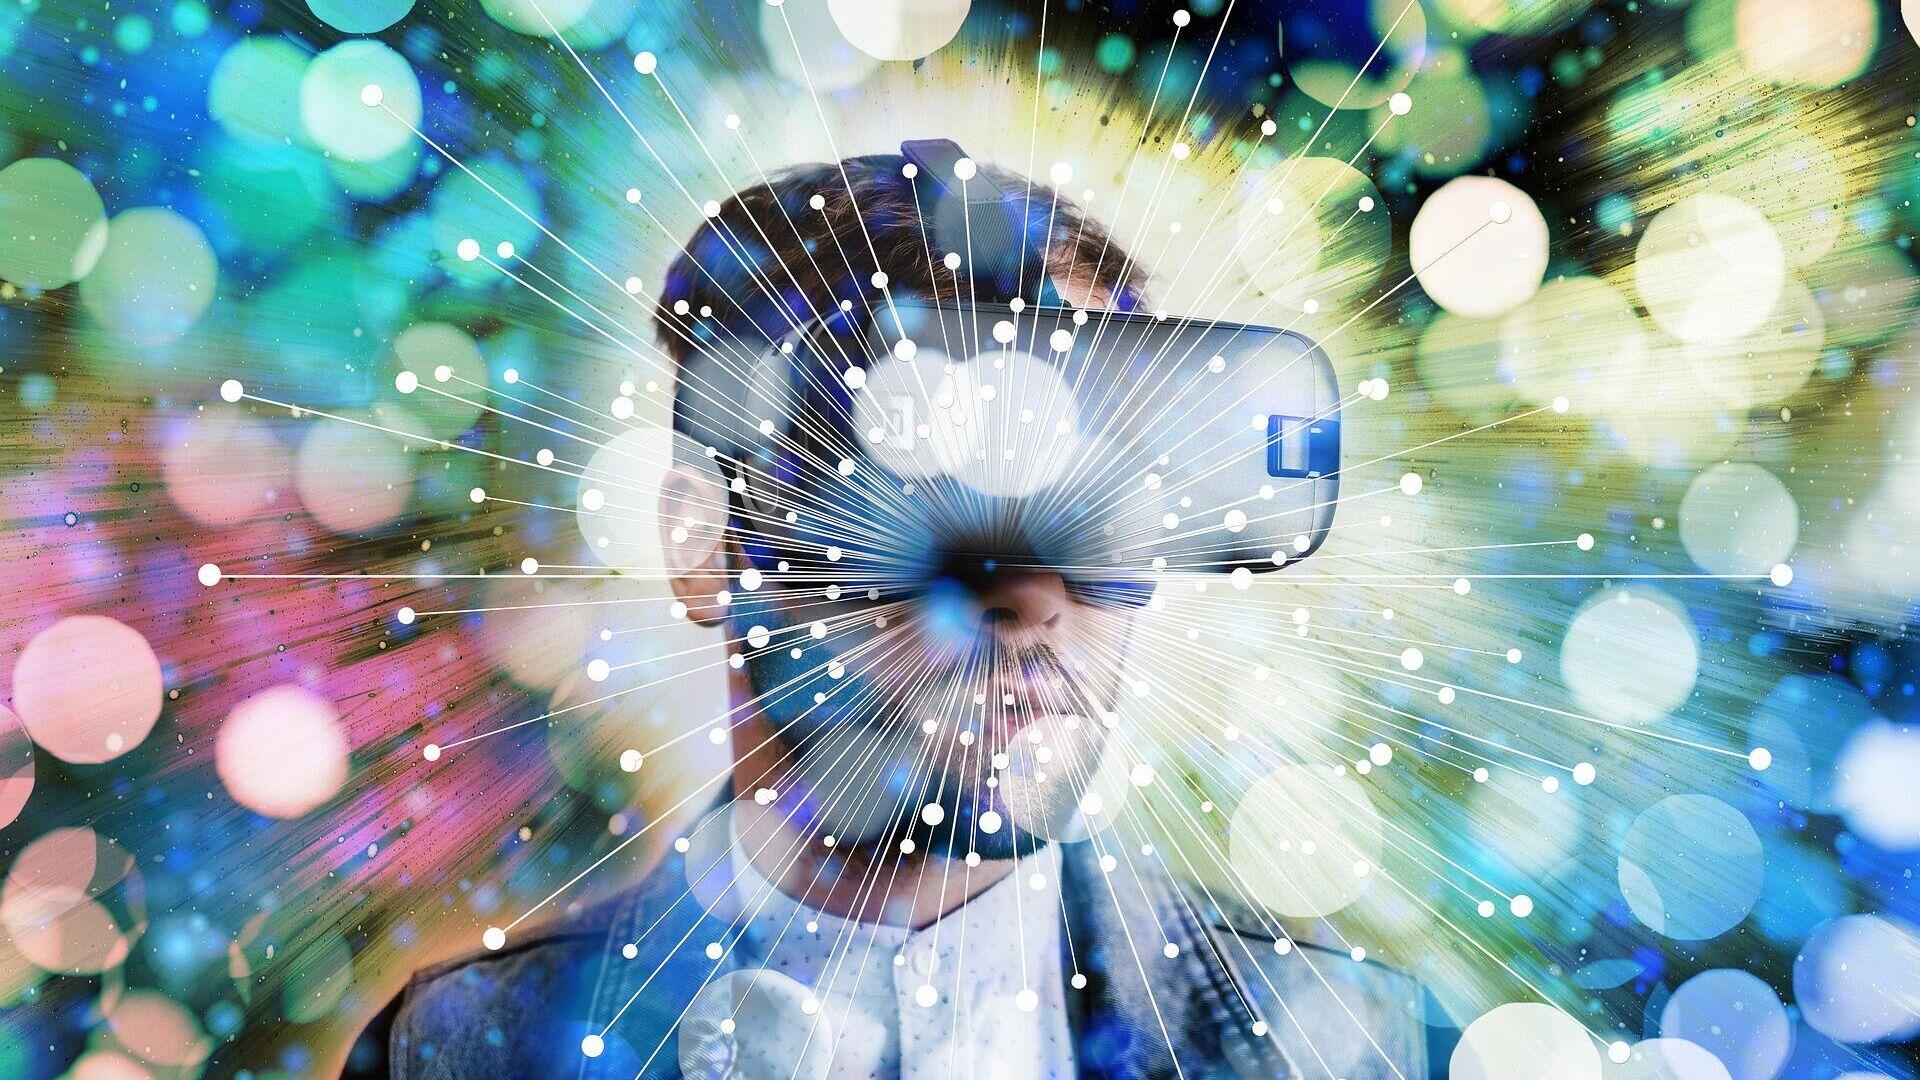 Gafas de realidad virtual - Sputnik Mundo, 1920, 06.07.2021